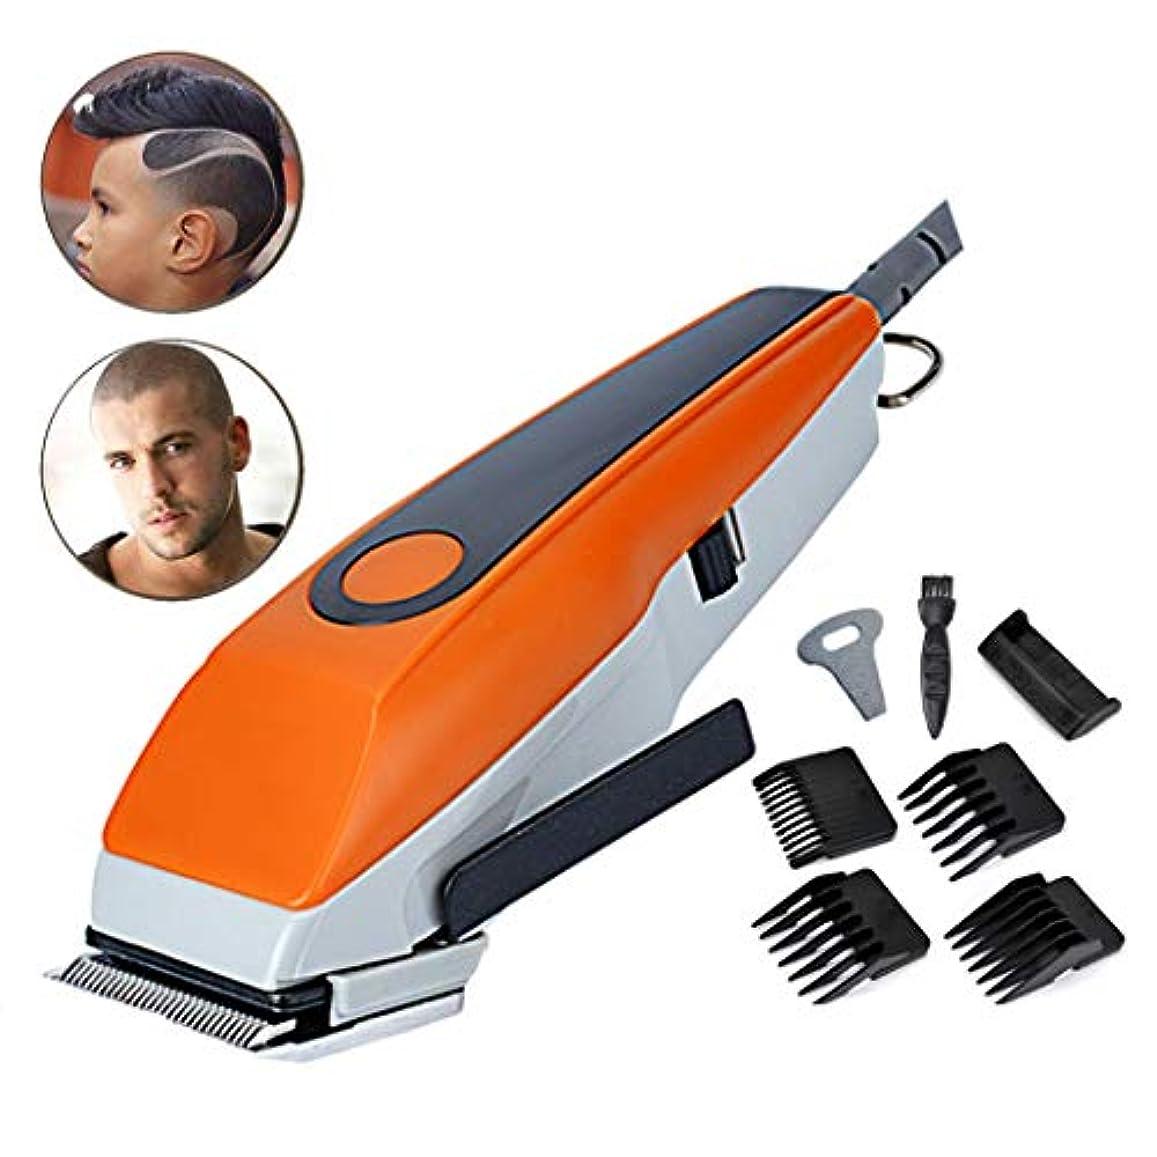 正直持つ敷居バリカンはげかかった専門のバリカンメンズ電気シェーバー低雑音の毛の切断